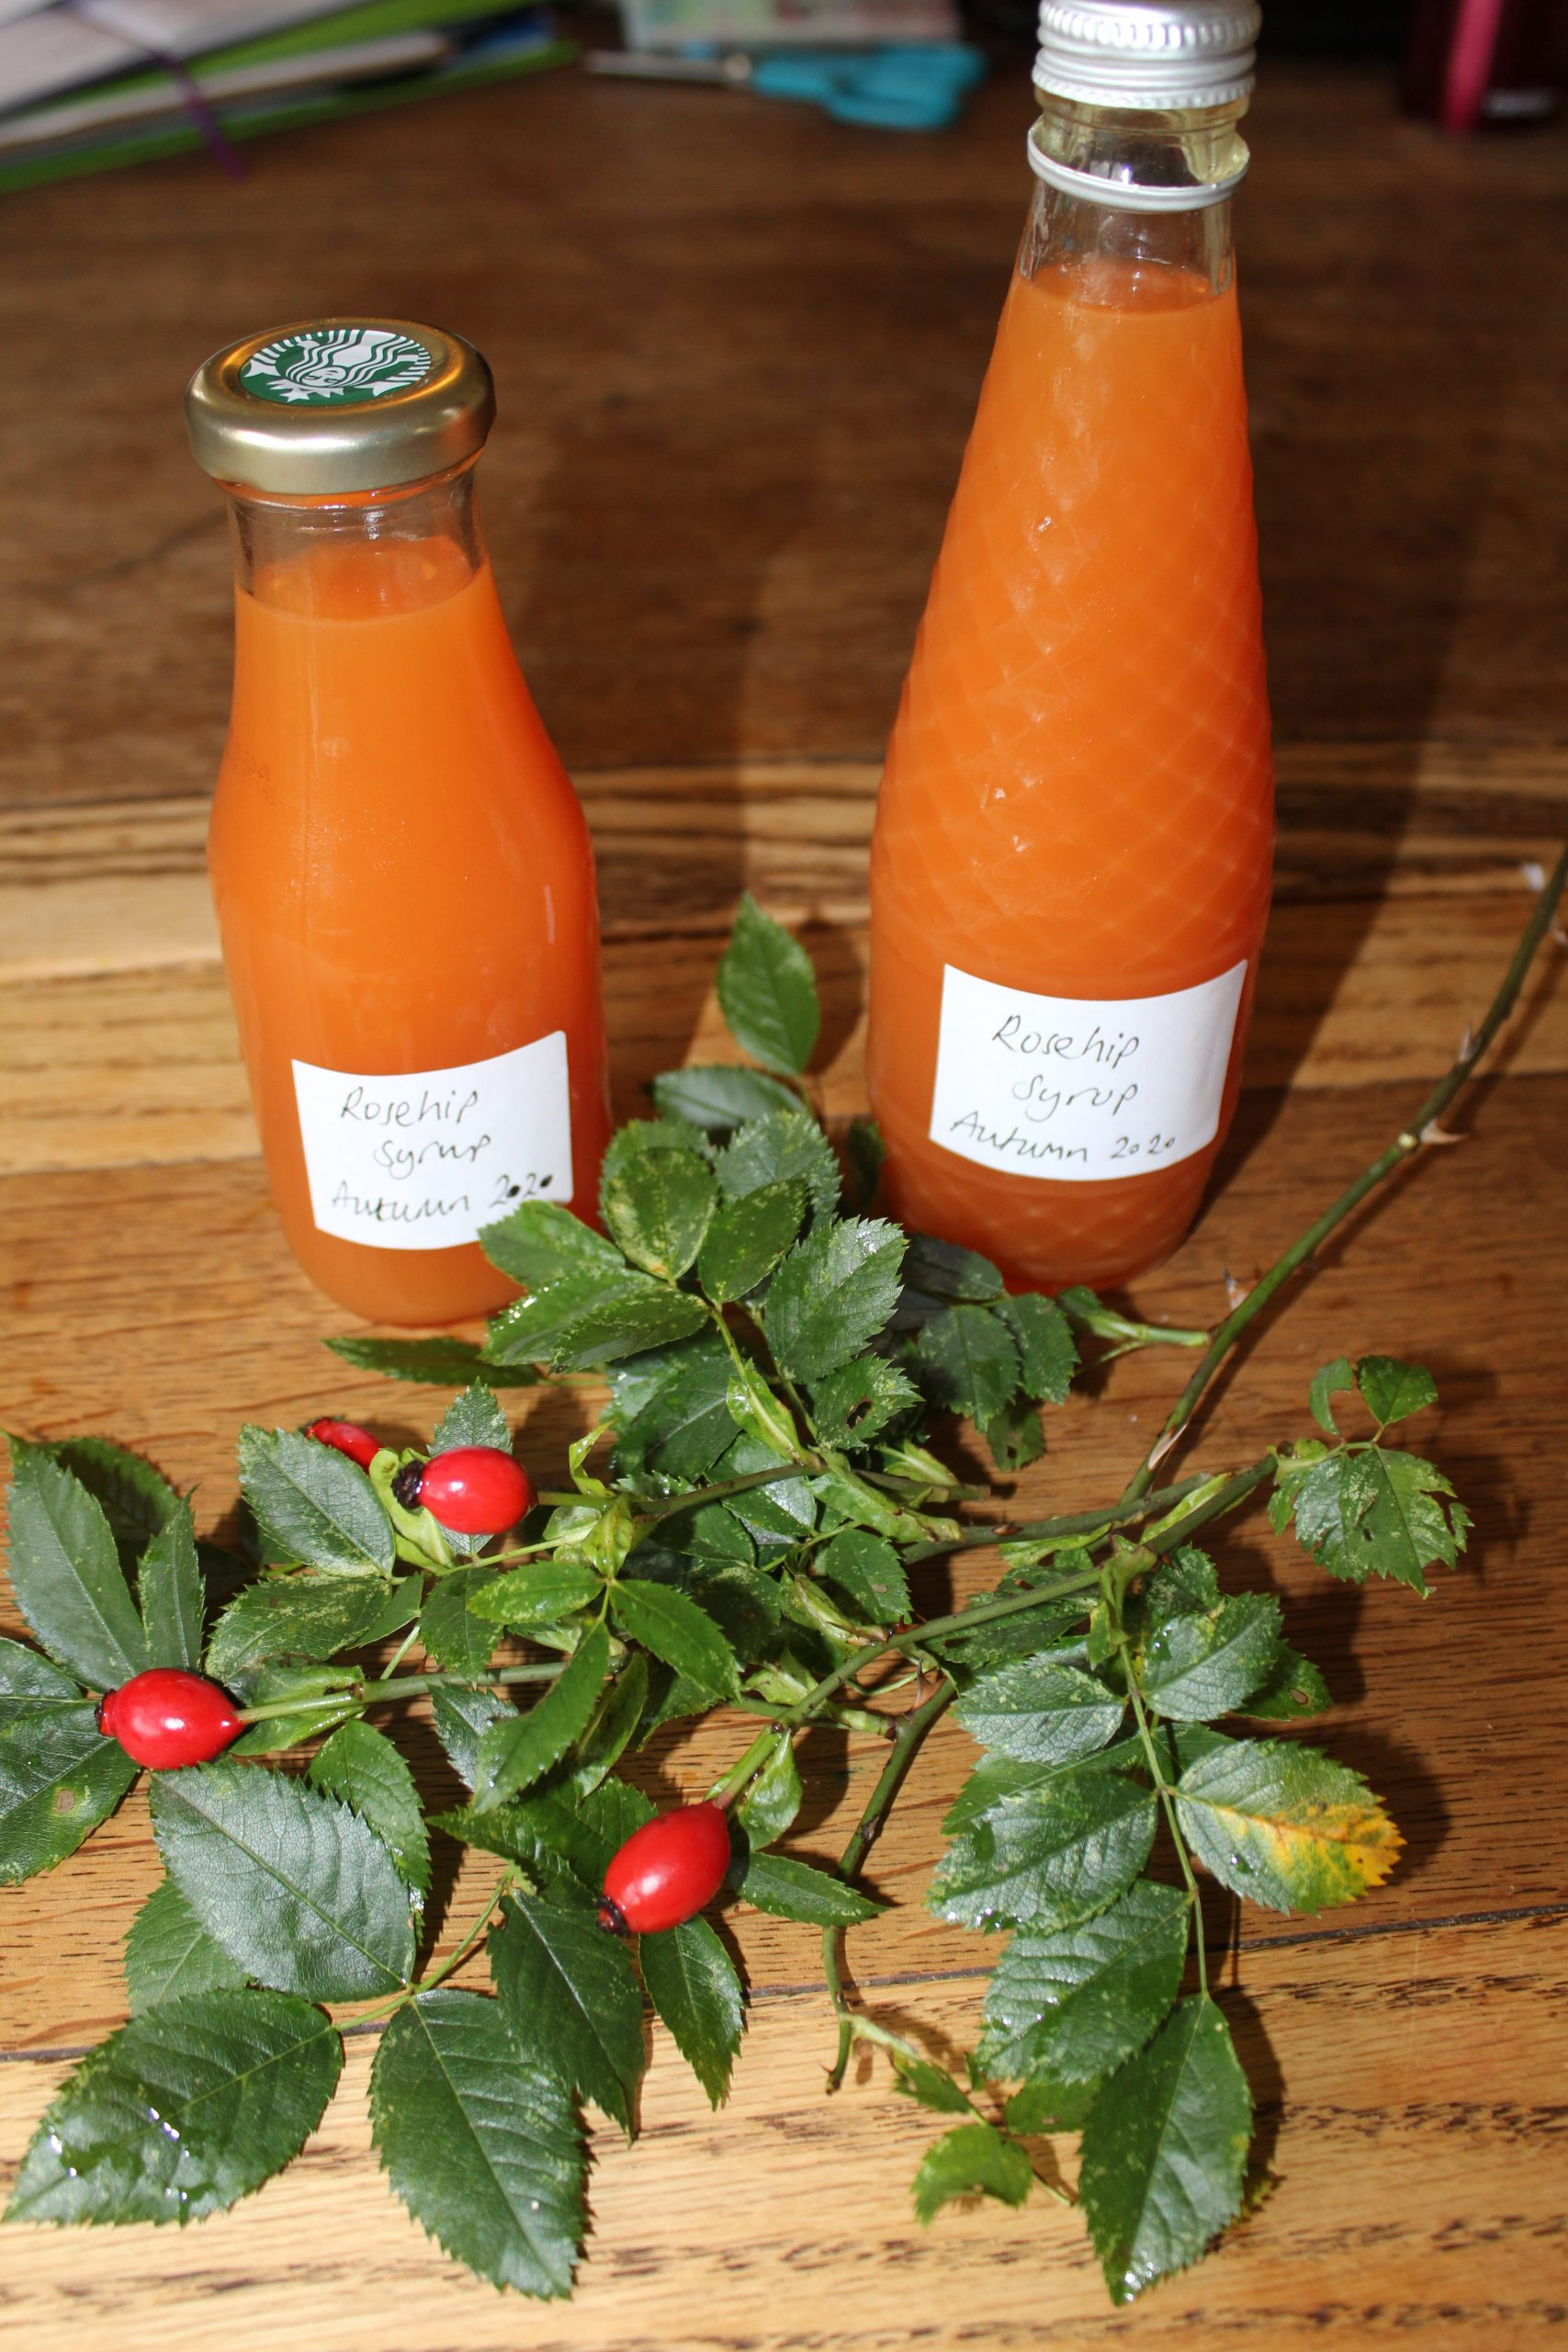 rosehip syrup bottles